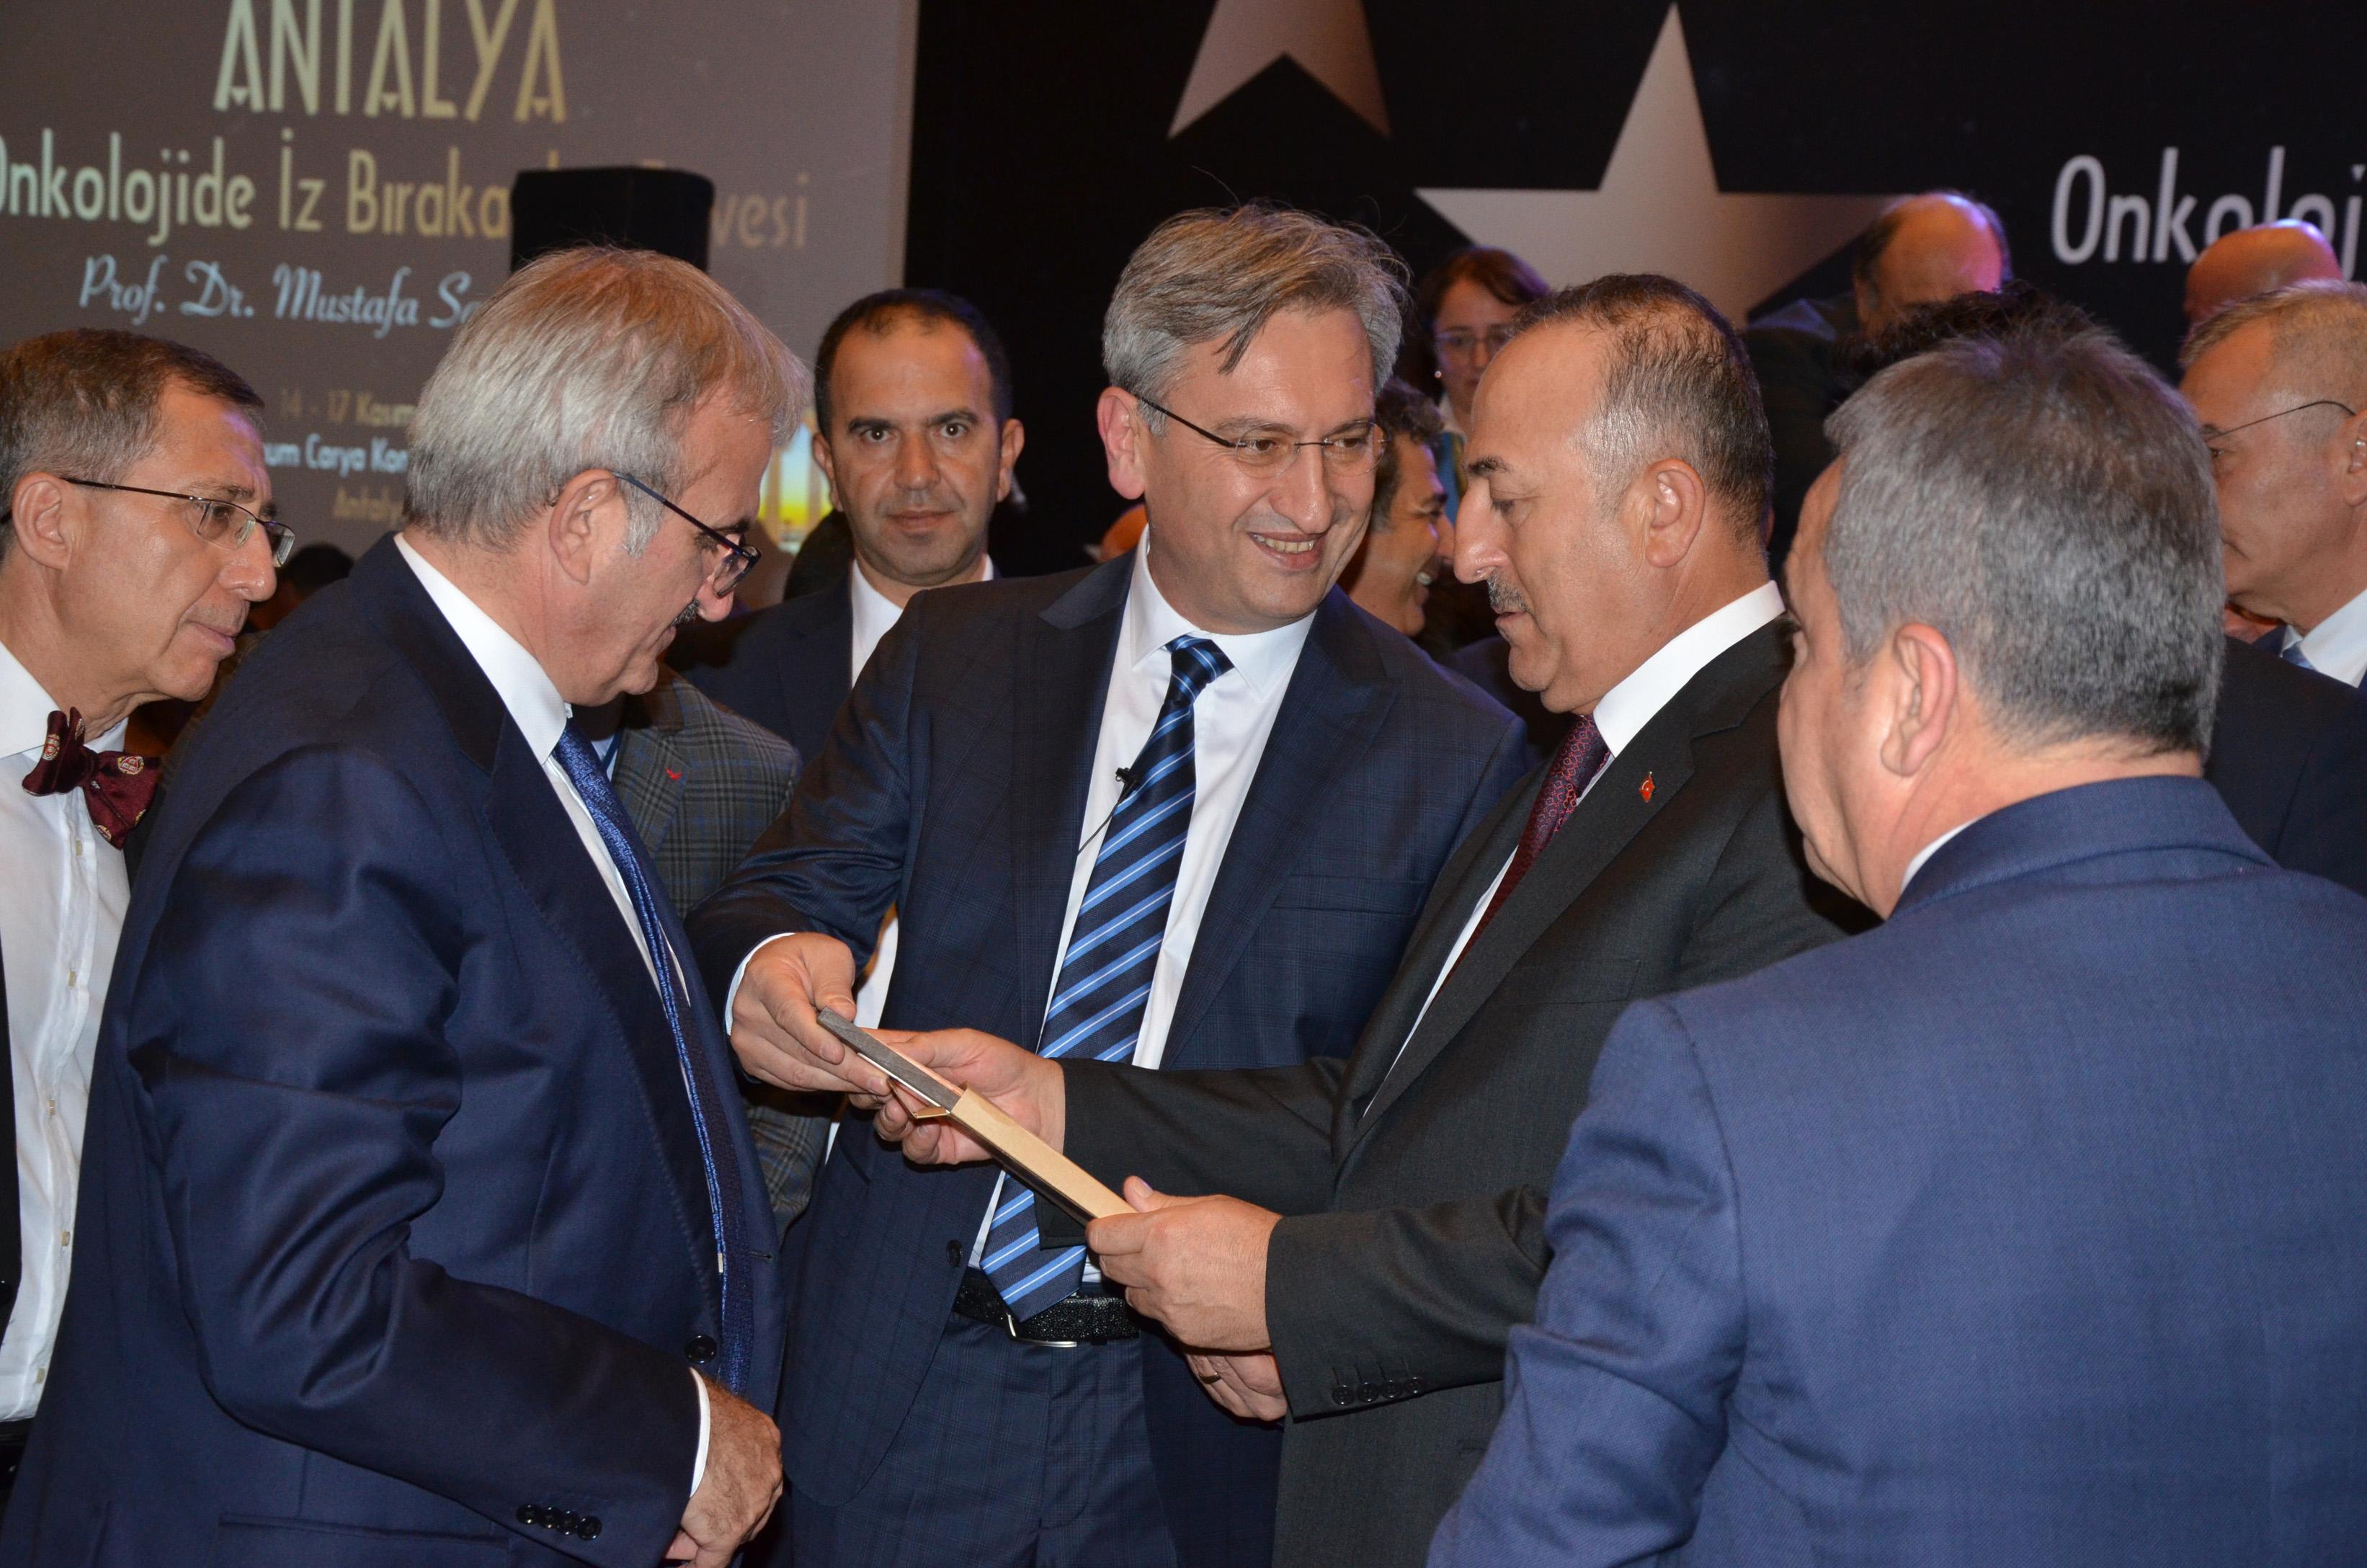 Bakan Çavuşoğlu: Ülkemiz en zengin ülke değil ama en cömert ülkedir